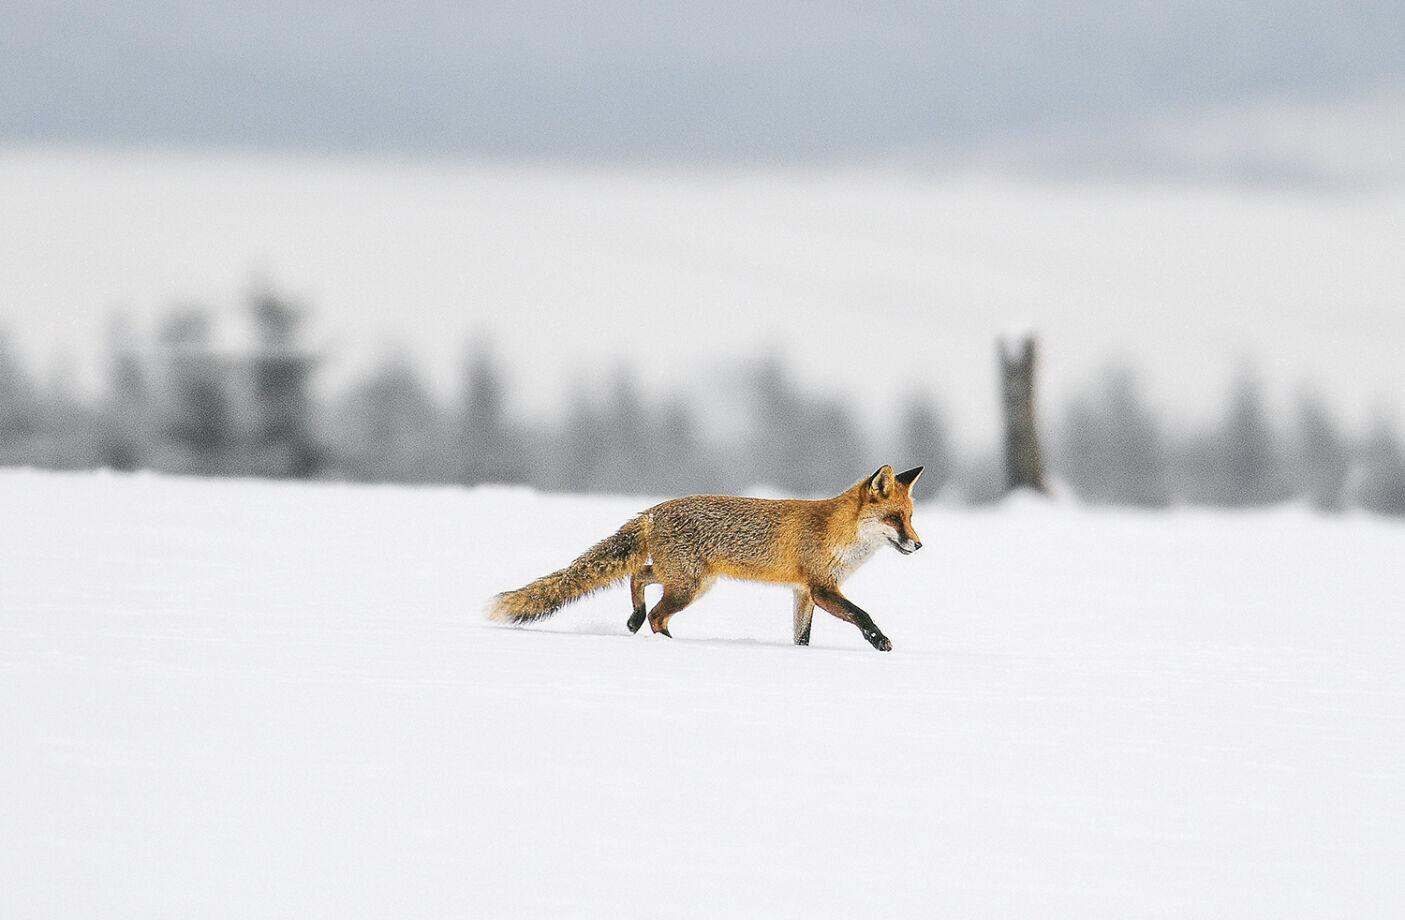 Schnürender Fuchs in Winterlandschaft - Der Fuchs gilt als Opportunist. Er erbeutet vor allem das, was leicht verfügbar ist. - © Wolfgang Radenbach